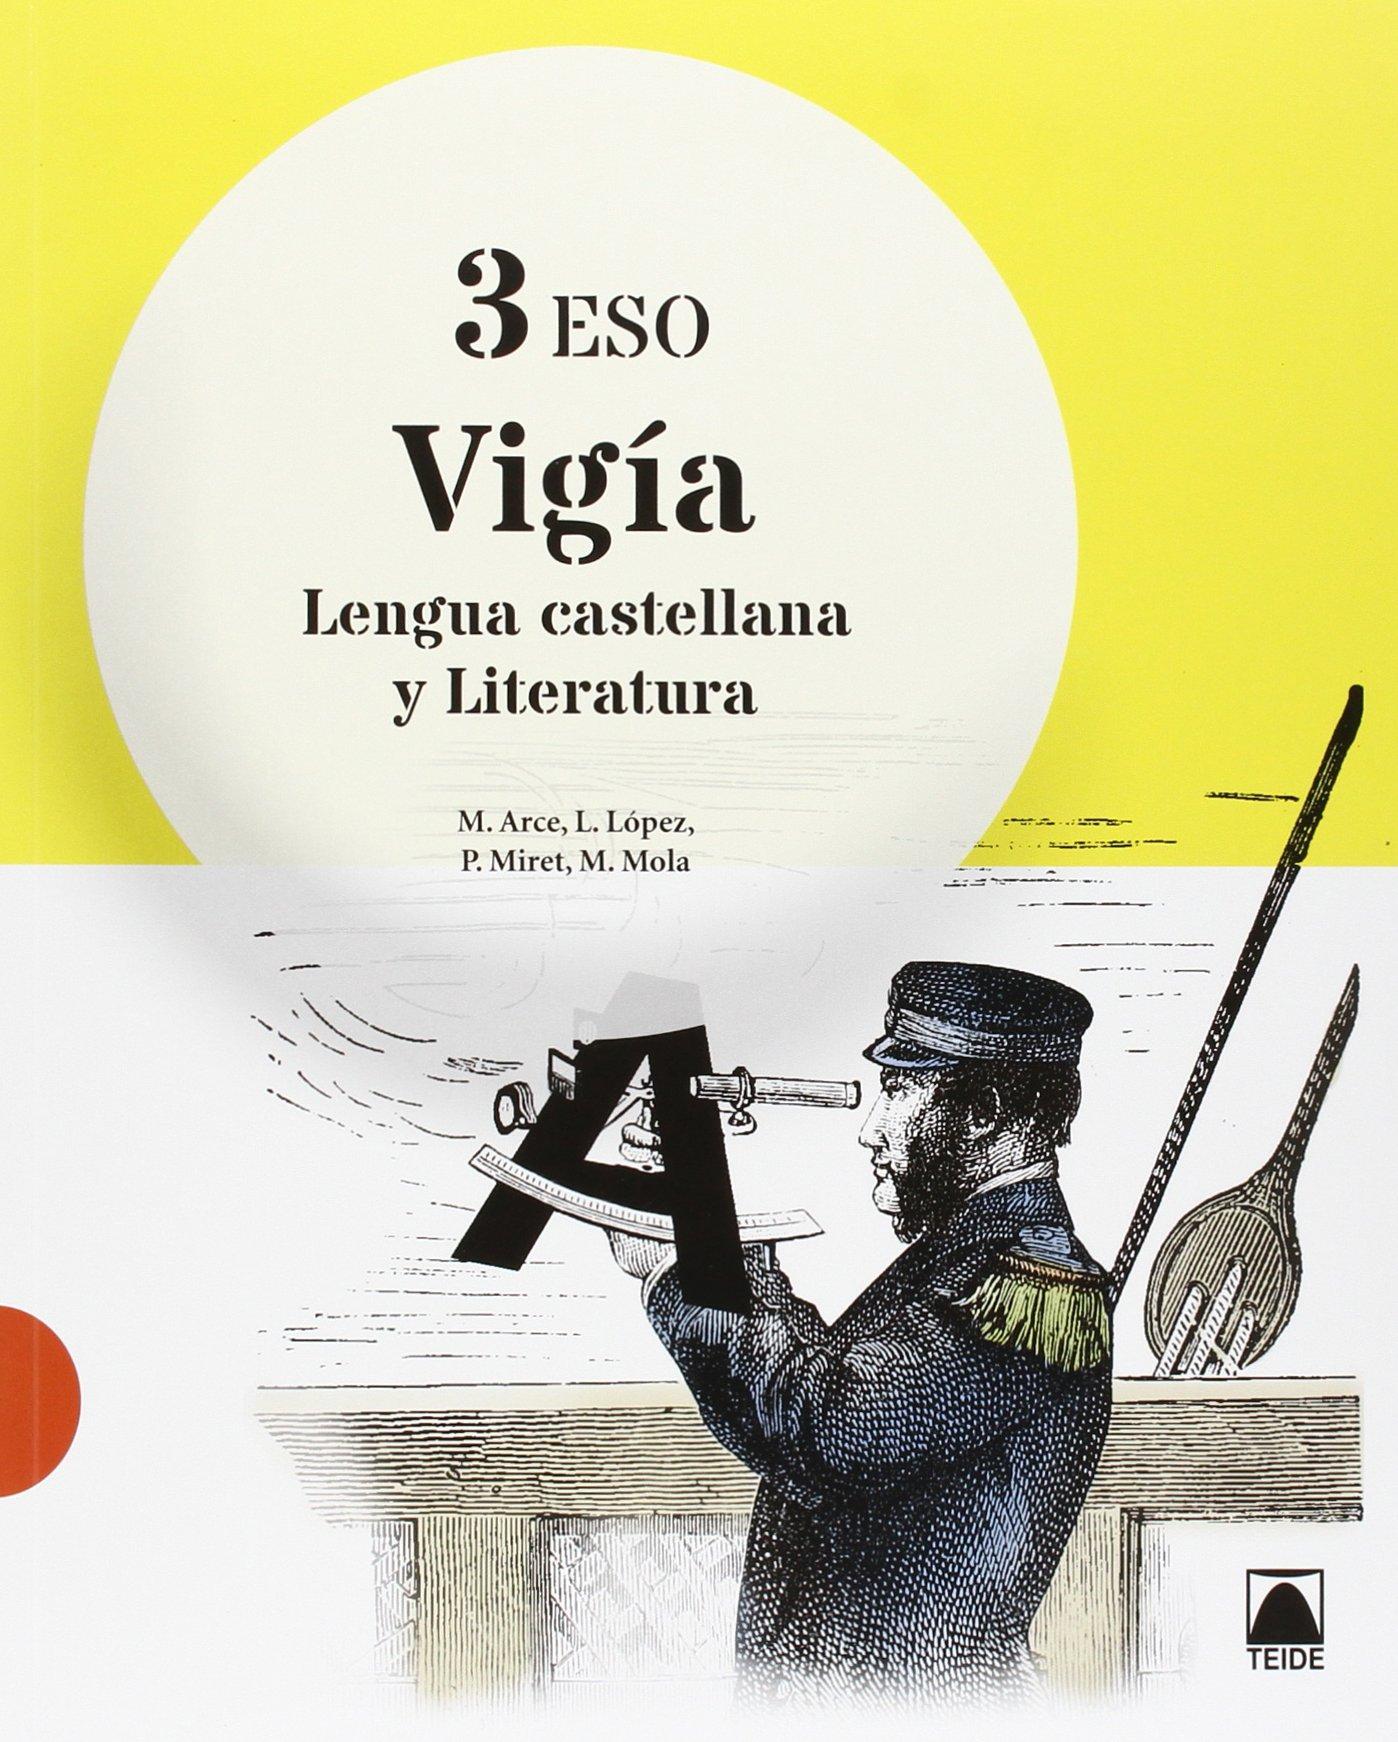 Vigía. Lengua castellana y Literatura 3 - 9788430789870: Amazon.es: Arce Lasso, Mercè, Miret Puig, Pau, López Susarte, Lope, Mola Martí, Montserrat: Libros